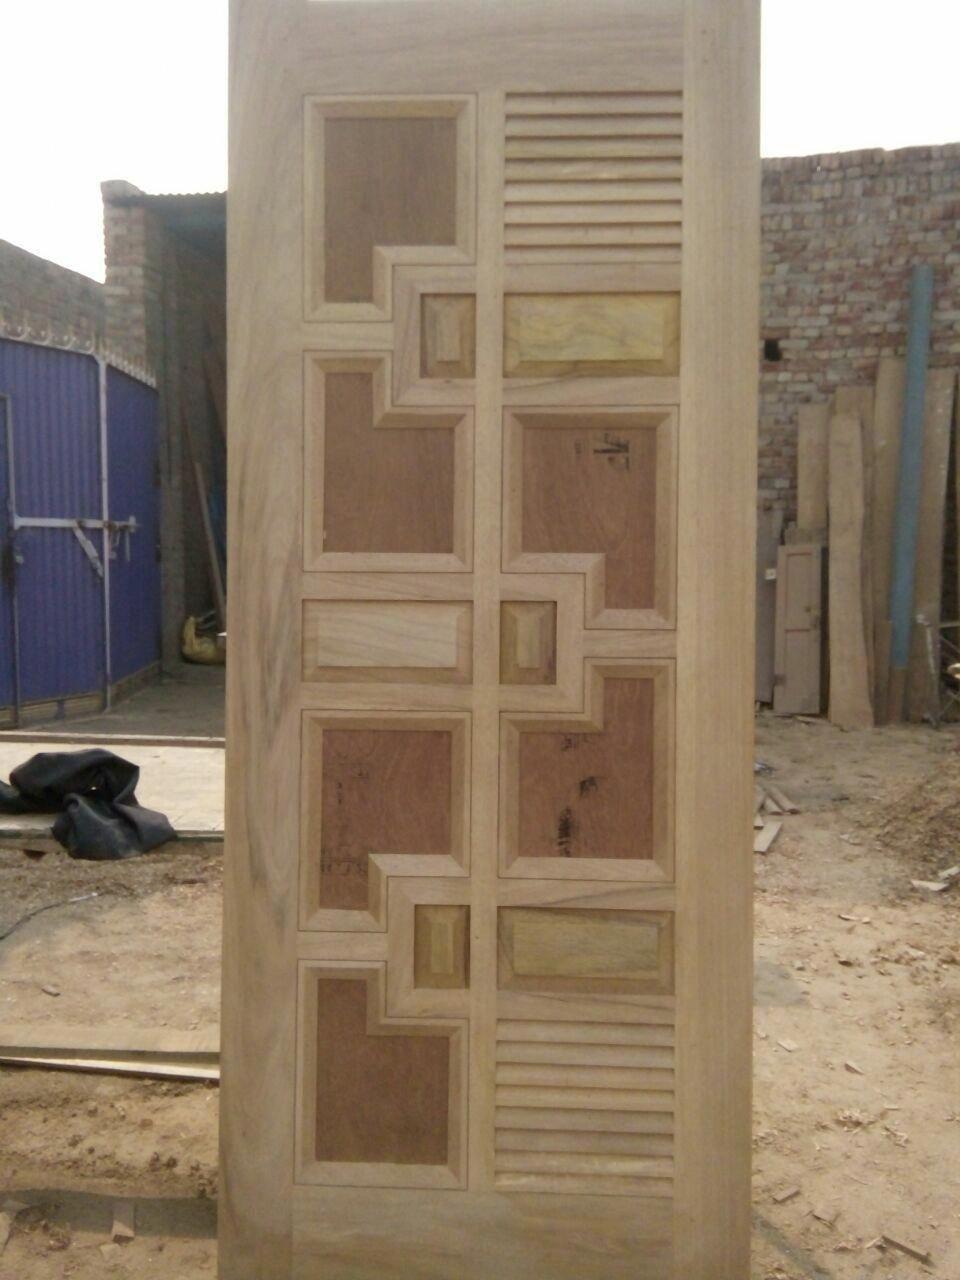 Contemporary Interior Doors Wooden Internal Doors With Glass Interior French Doors Lowes 20190616 With Images Door Design Wood Double Door Design Door Design